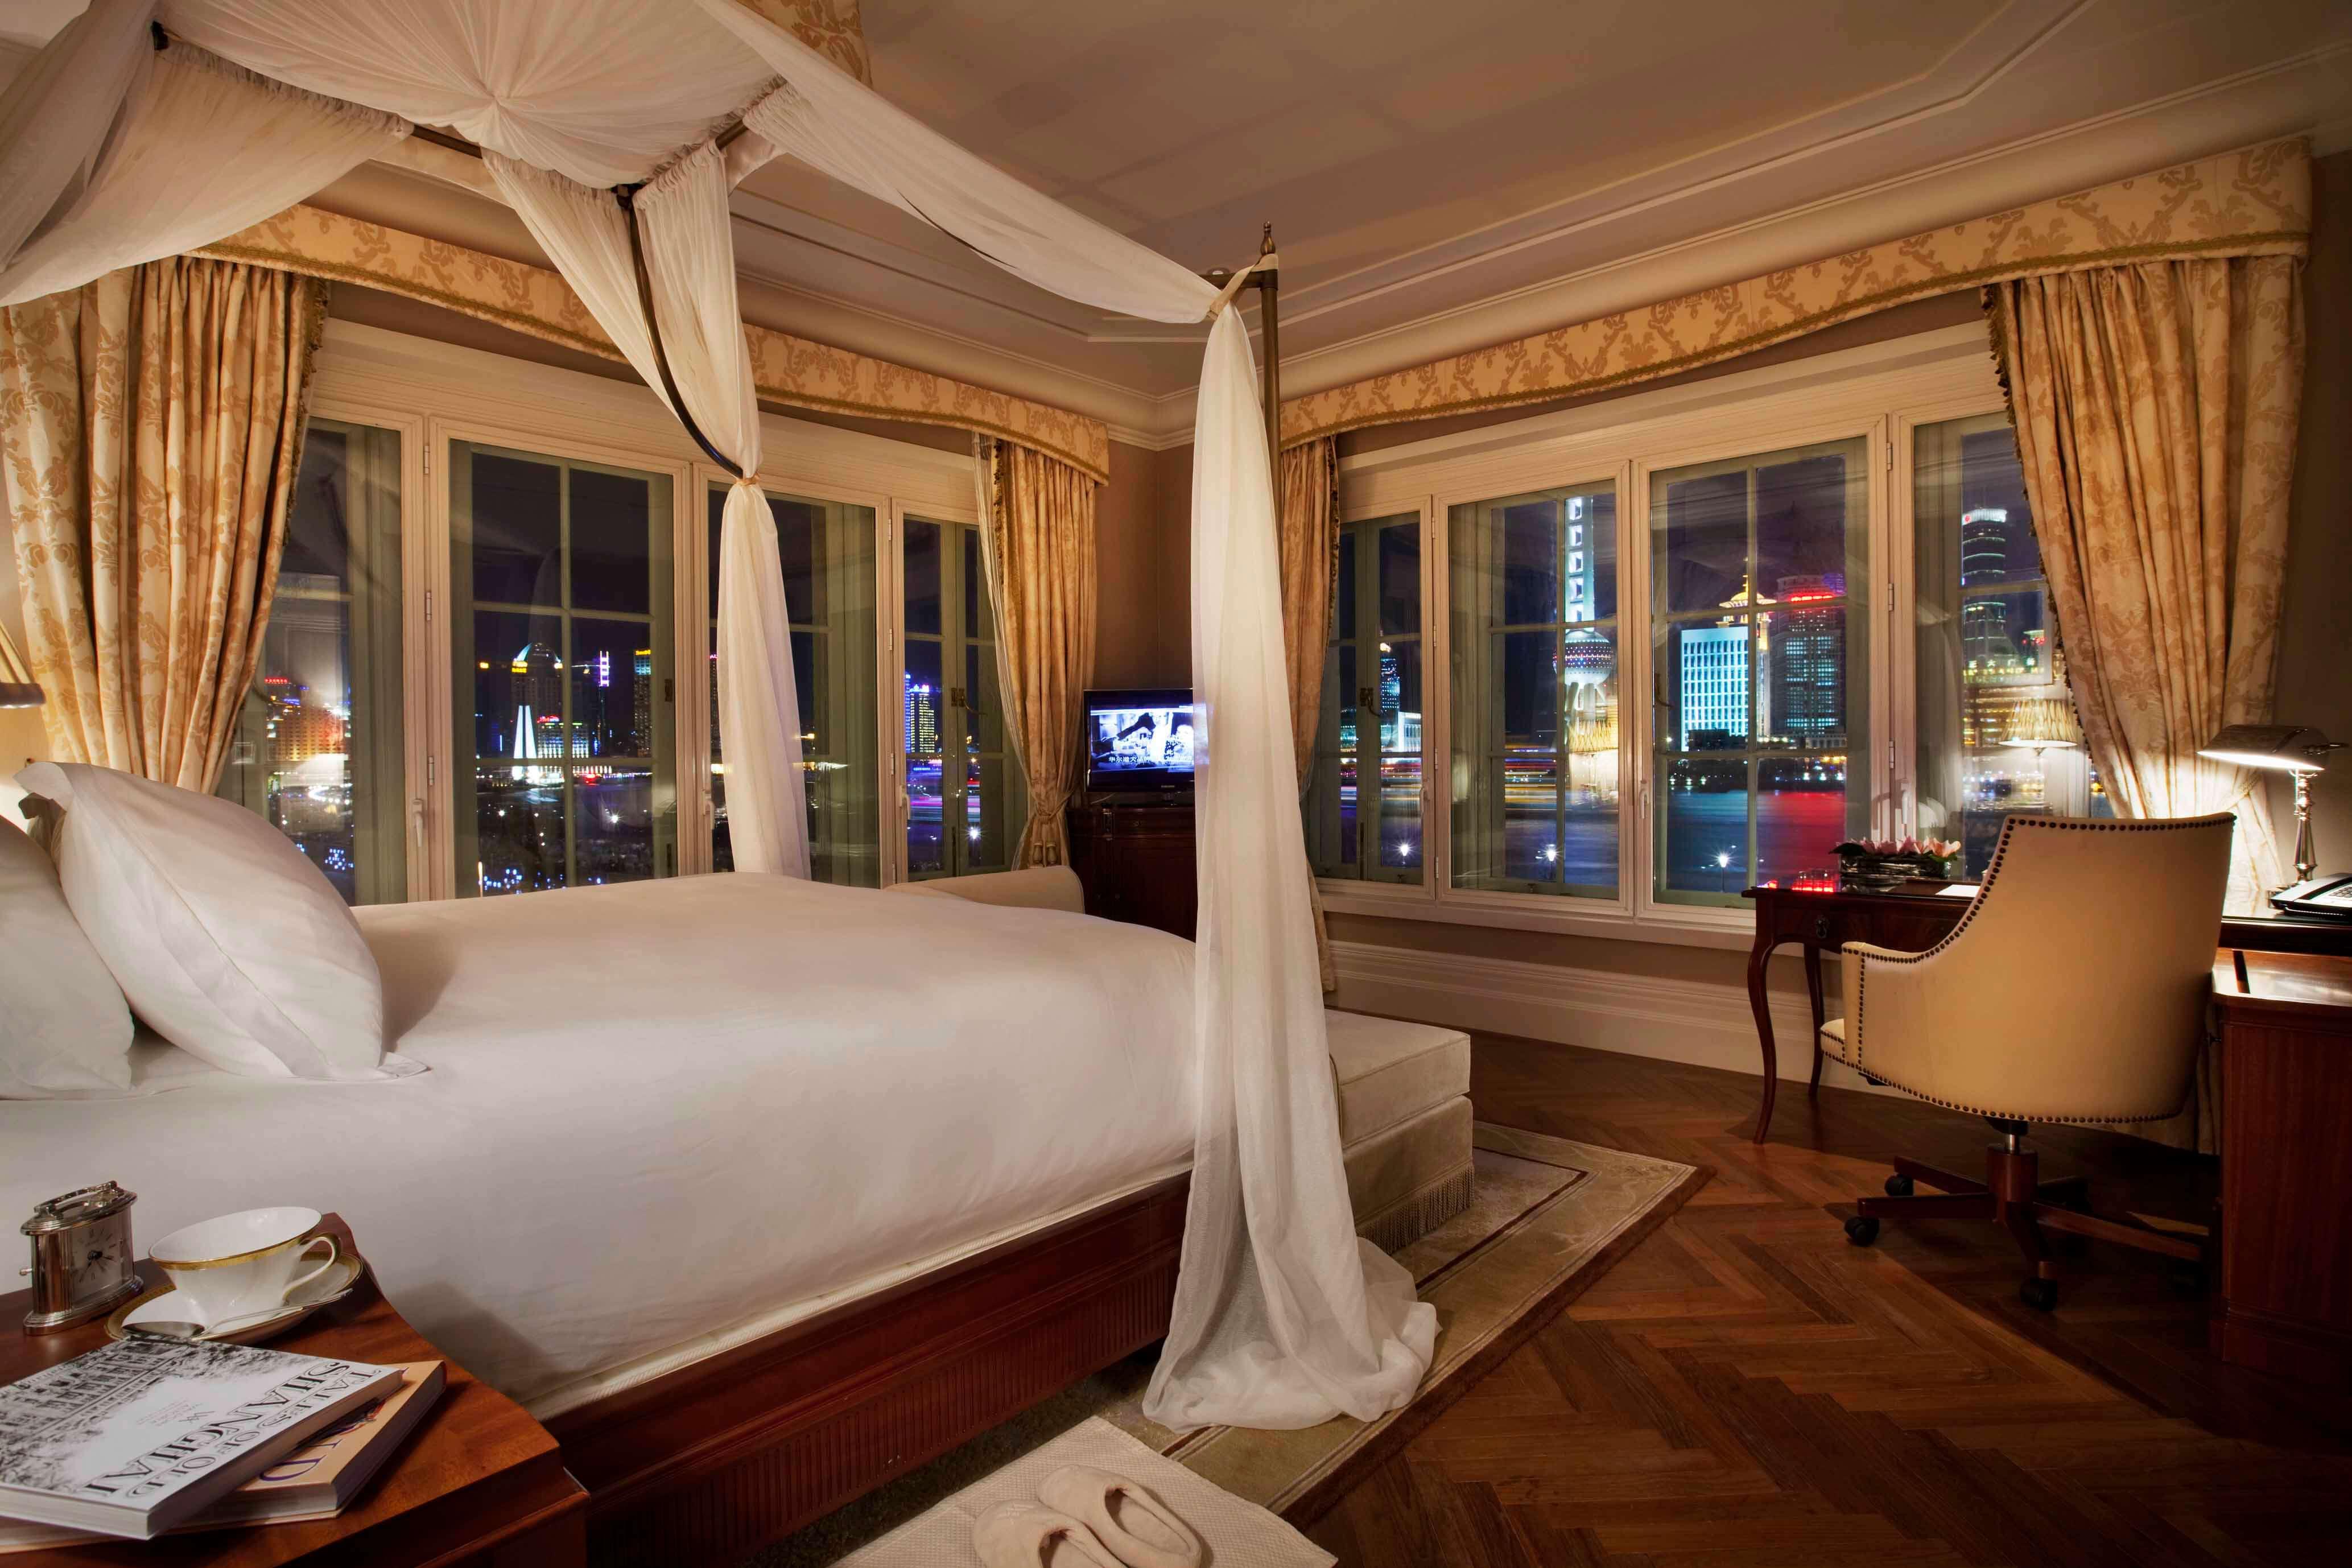 © Waldorf Astoria - Derrick Menere